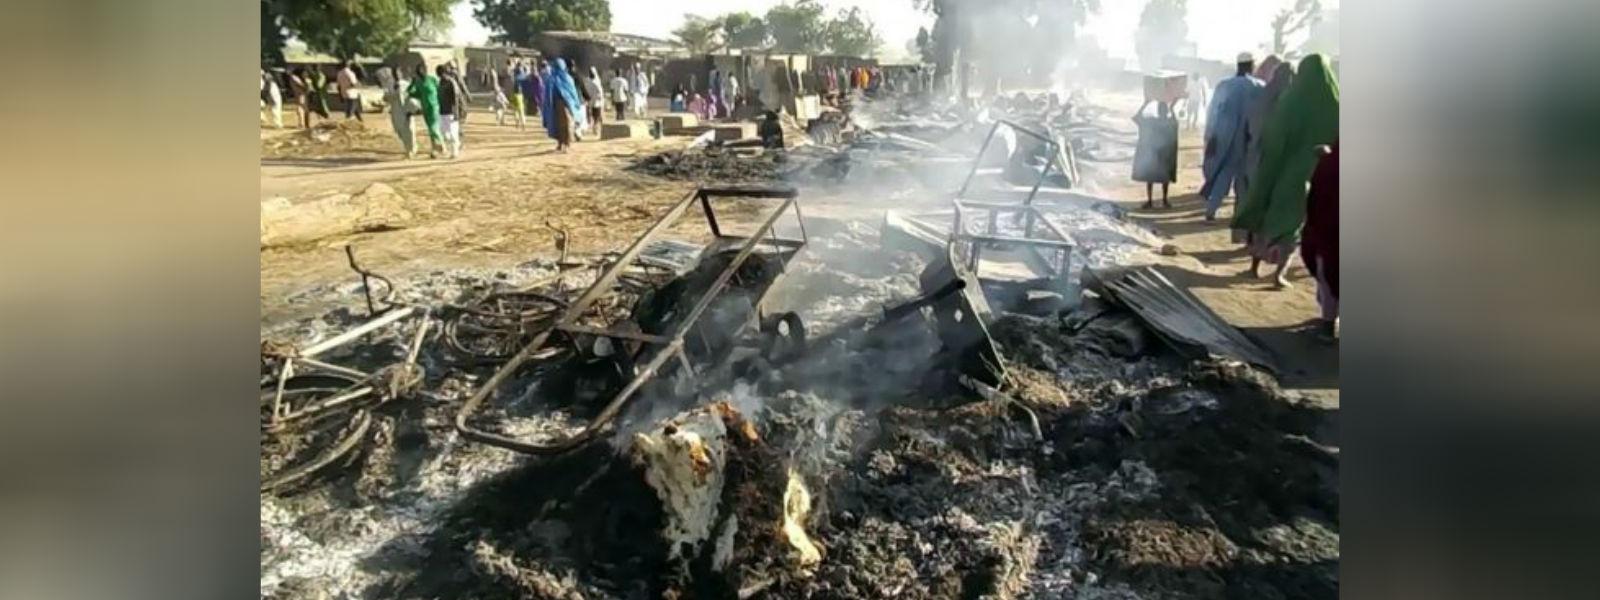 நைஜீரியாவில் போகோ ஹராம் தாக்குதல்; 65 பேர் உயிரிழப்பு